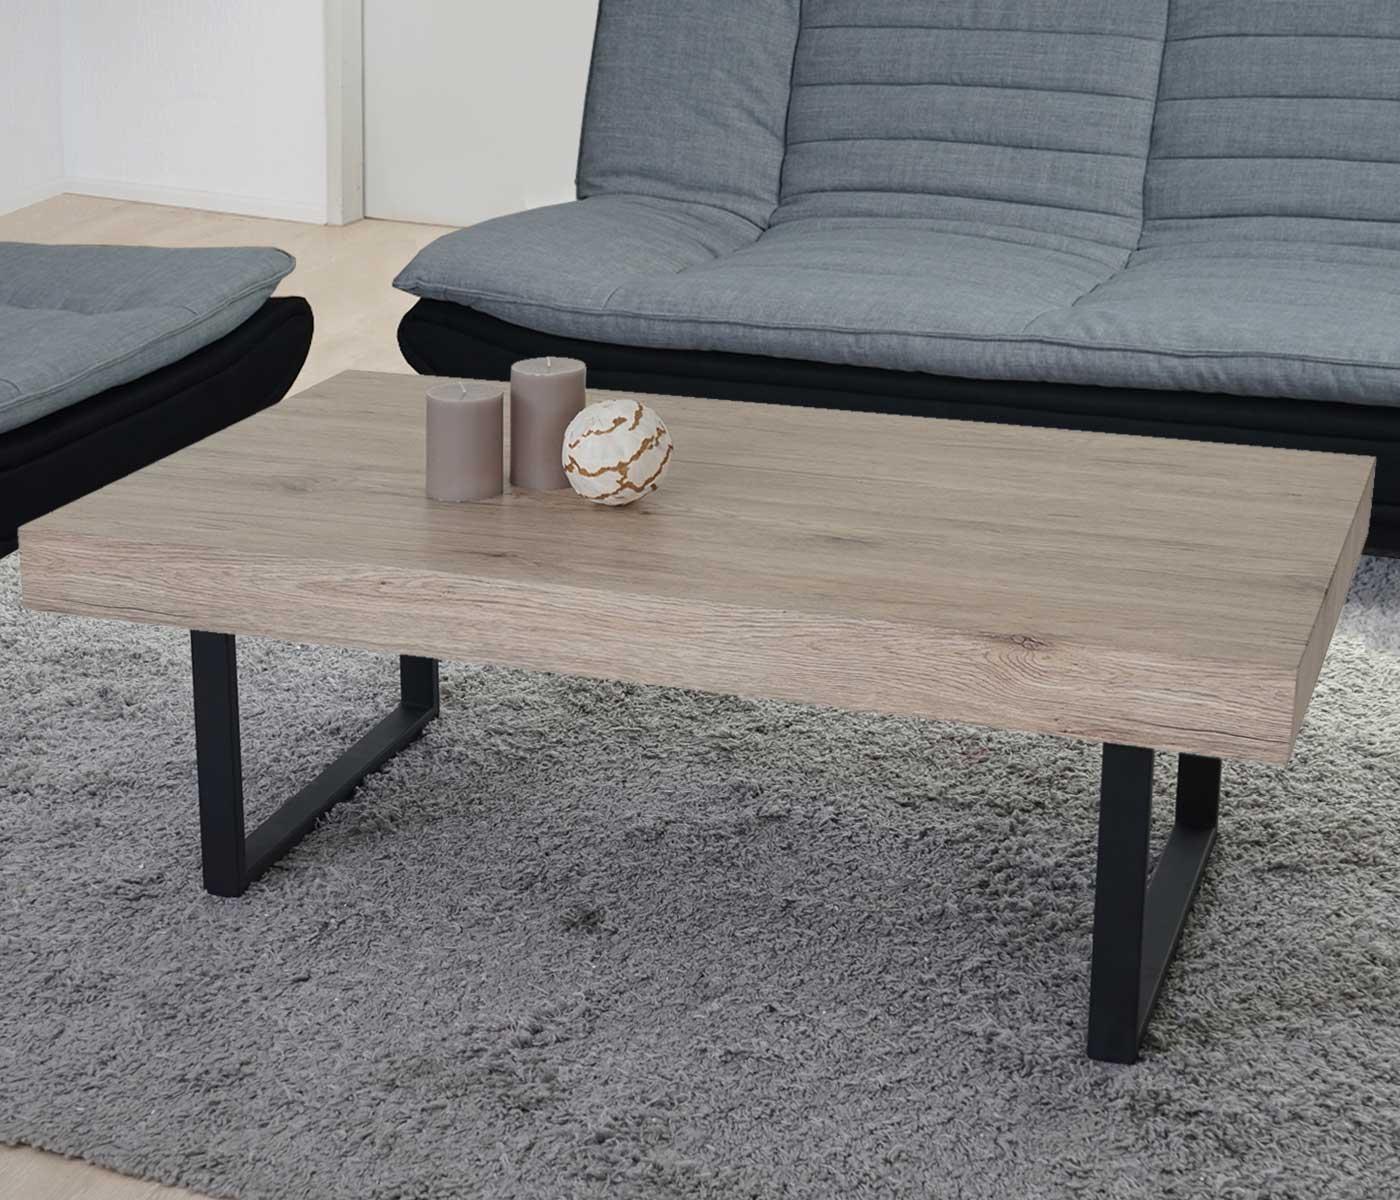 couchtisch verstellbar cool von couchtisch kernbuche galerie with couchtisch verstellbar. Black Bedroom Furniture Sets. Home Design Ideas